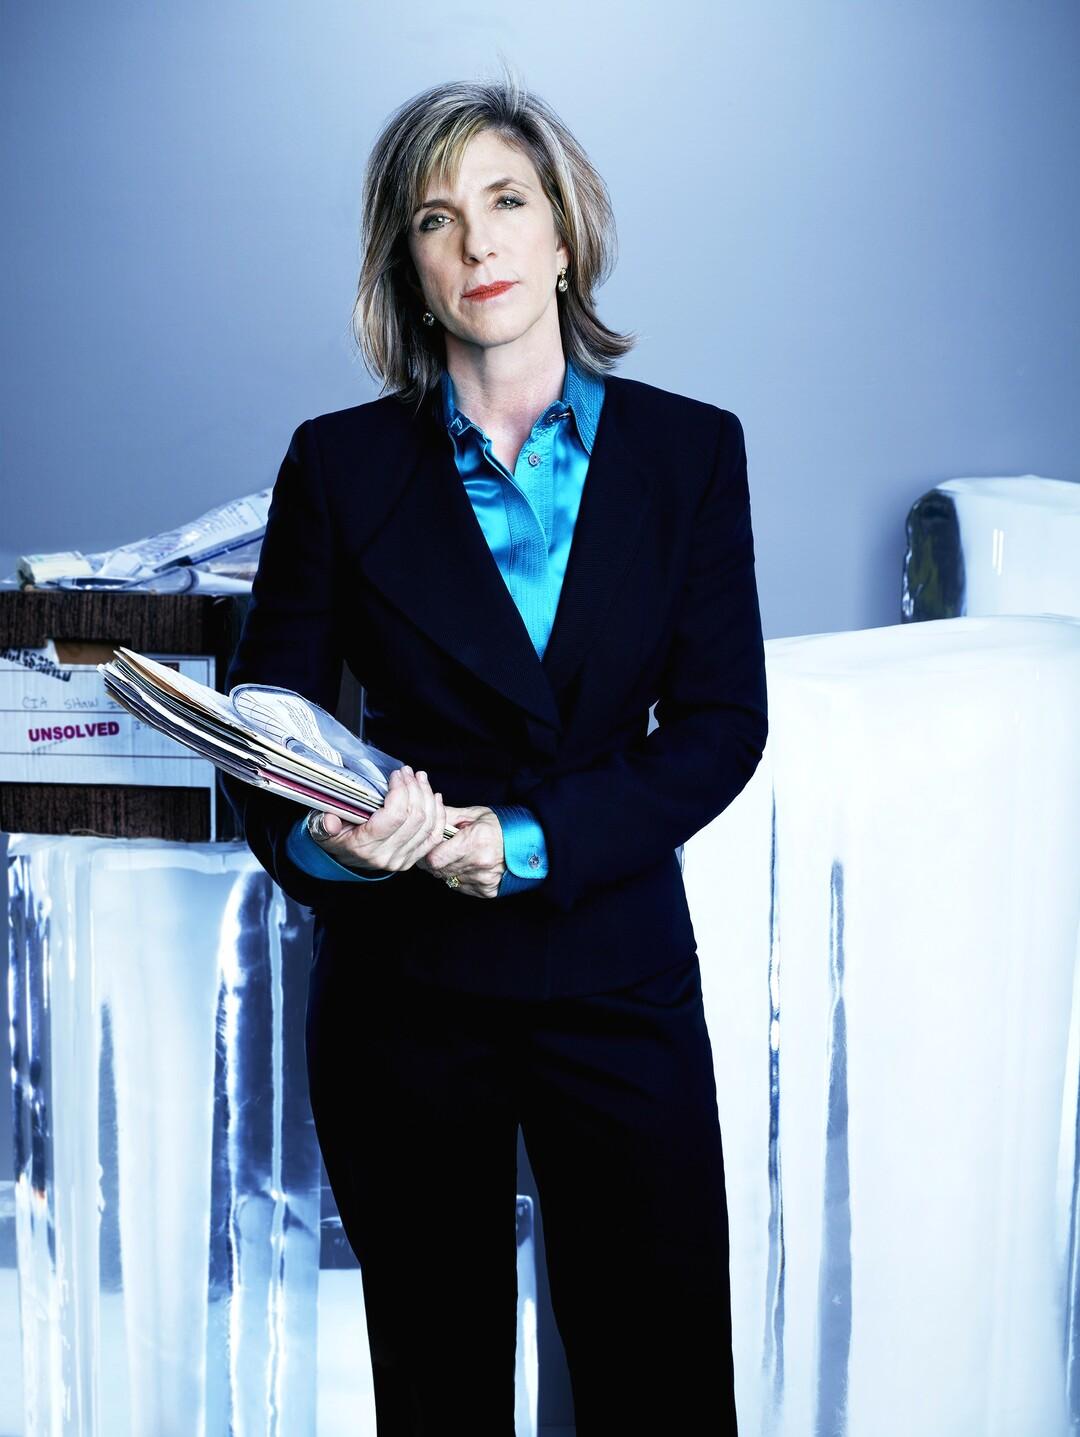 Cold Justice: Staffel 5 startet im TV - Termin steht fest - Bild 1 von 5